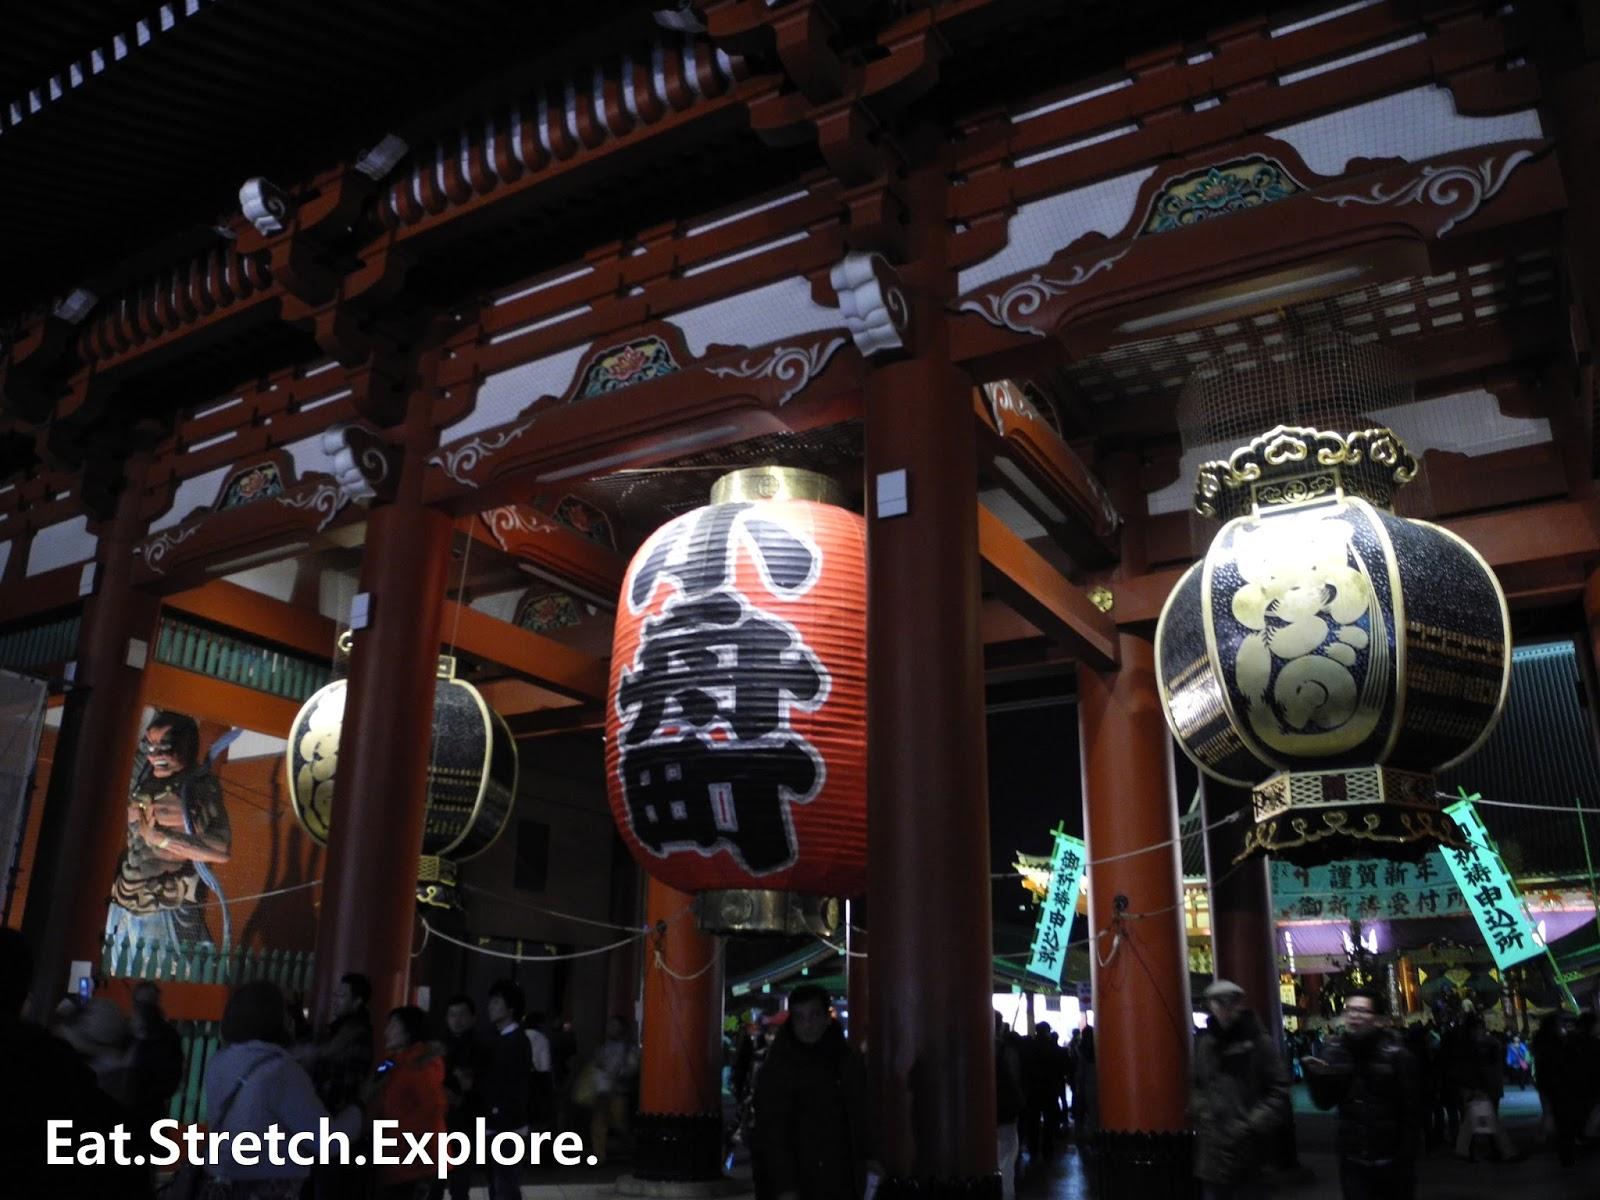 Tokyo - Asakusa] Senso-ji and Asakusa Hatsumode - New Yearu0027s